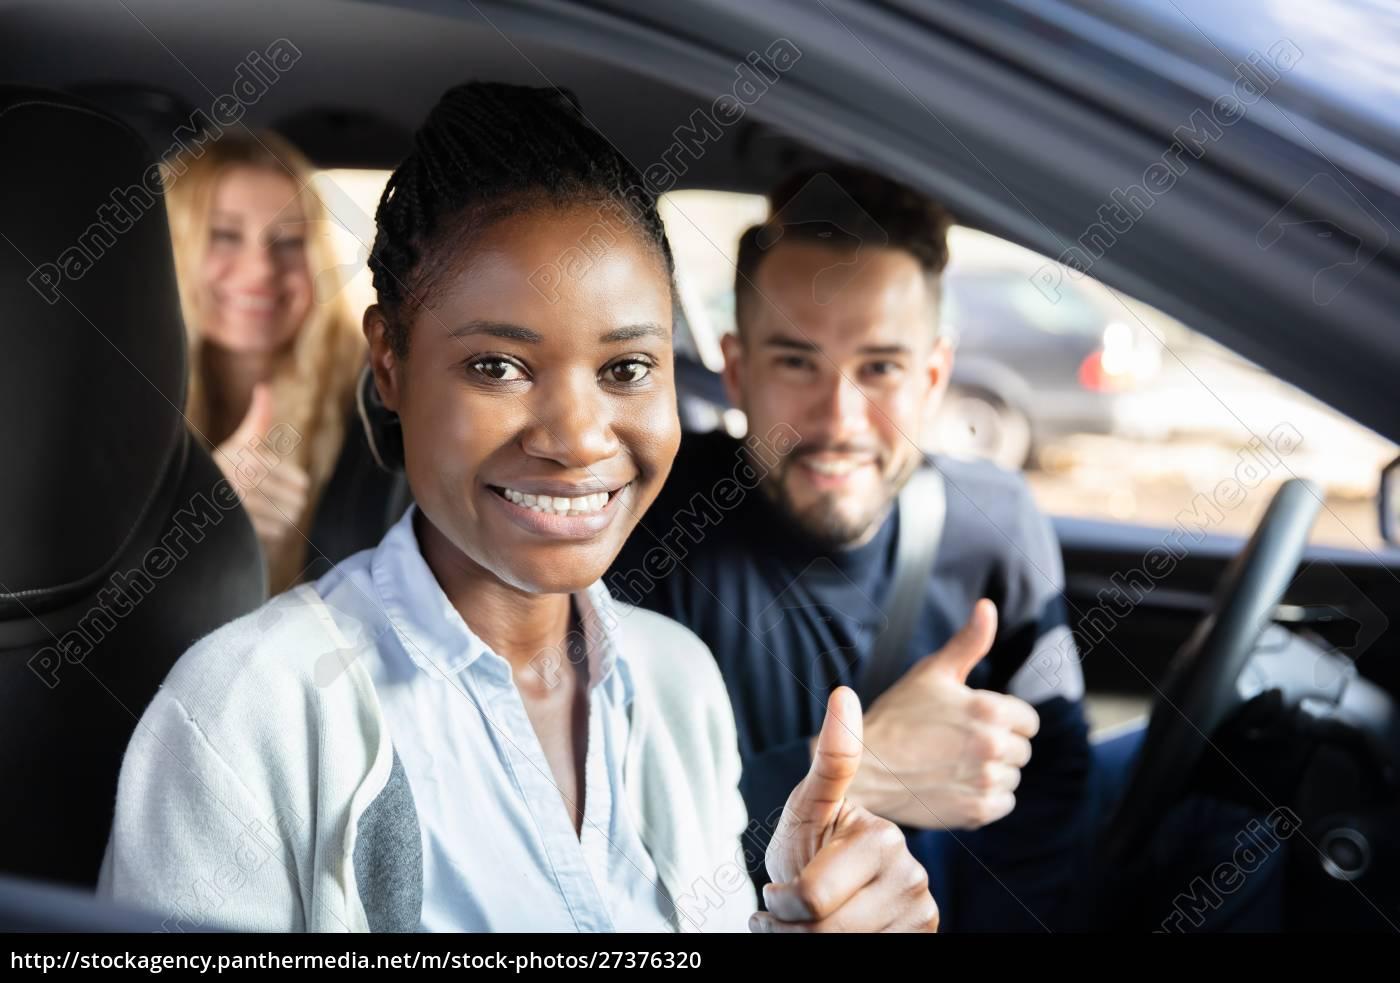 afro, afrikanische, frau, sitzt, im, auto - 27376320